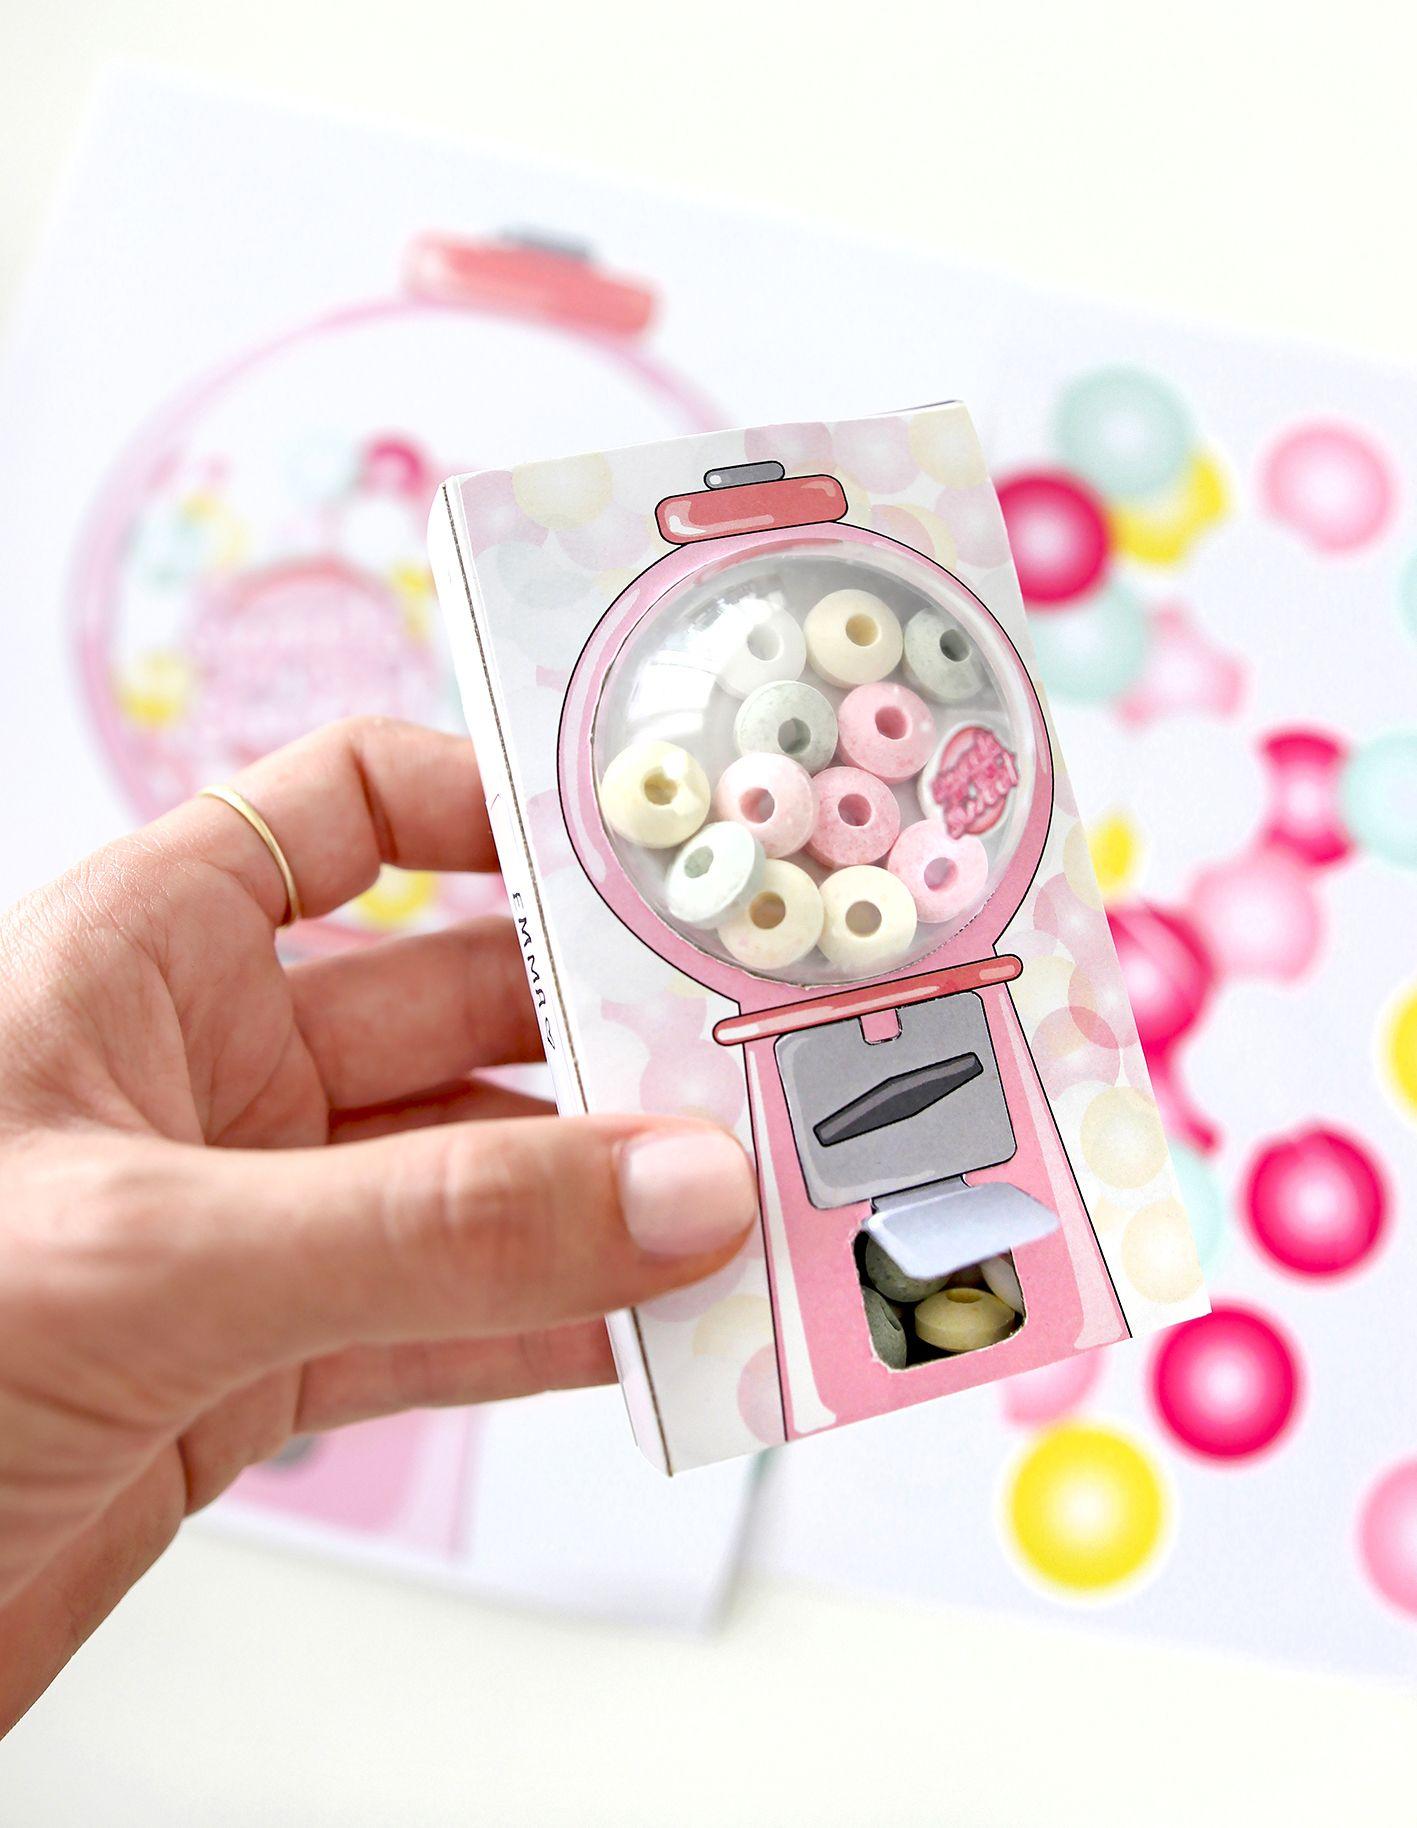 DIY für Kinder: Kaugummiautomat aus Streichholzschachteln #adventskranzideenkinder